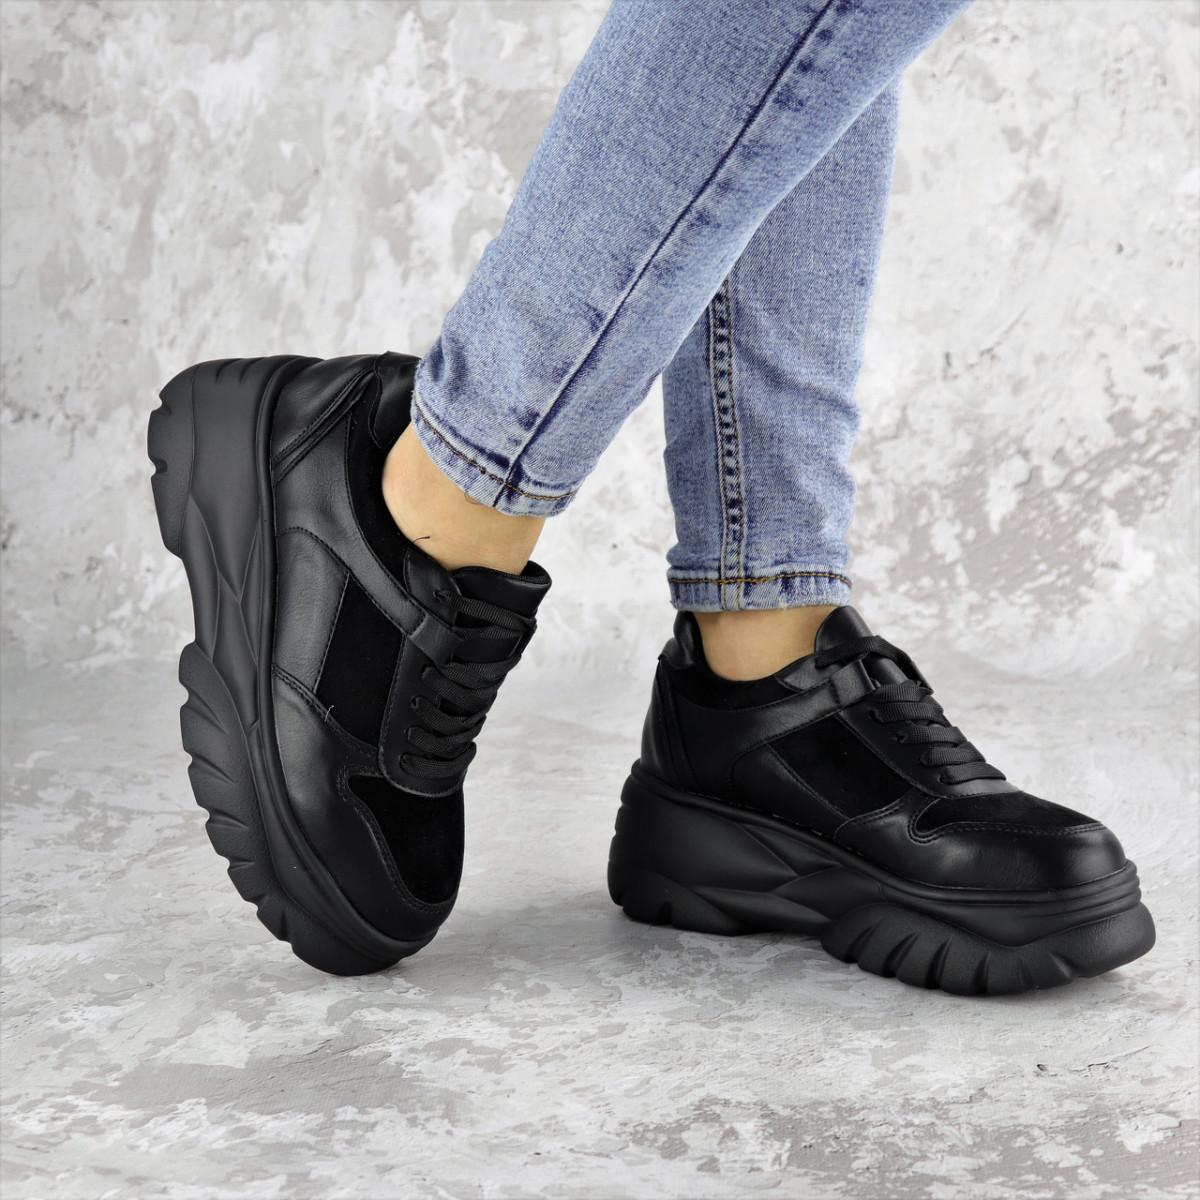 Жіночі кросівки Fashion Paige 1372 36 розмір 23 см Чорний